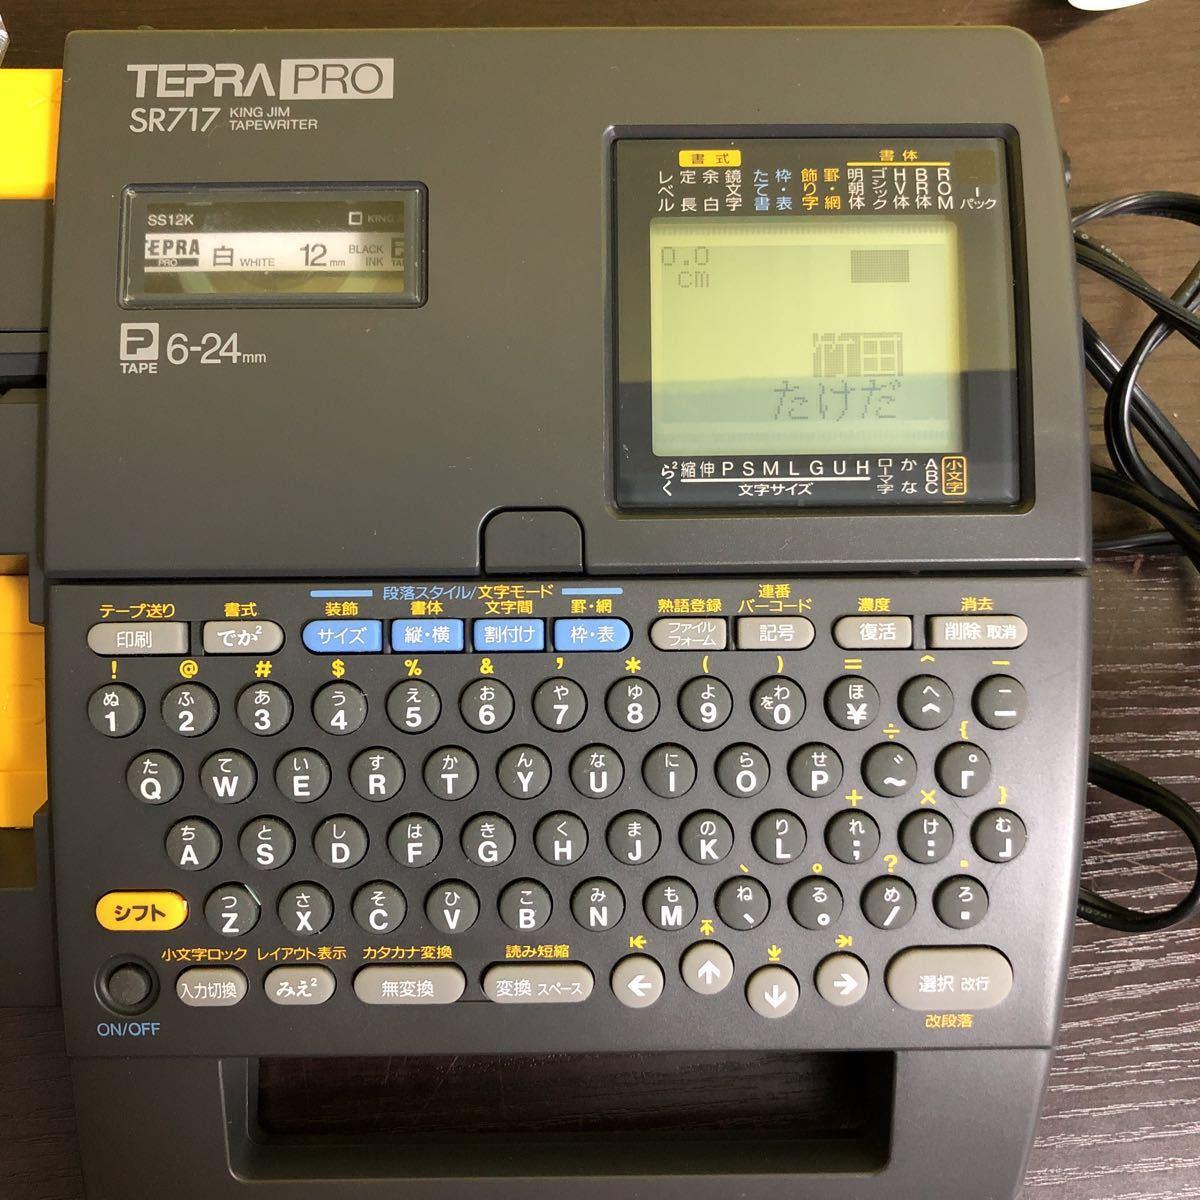 ラベルワープロ「テプラ」PRO SR717 _画像5